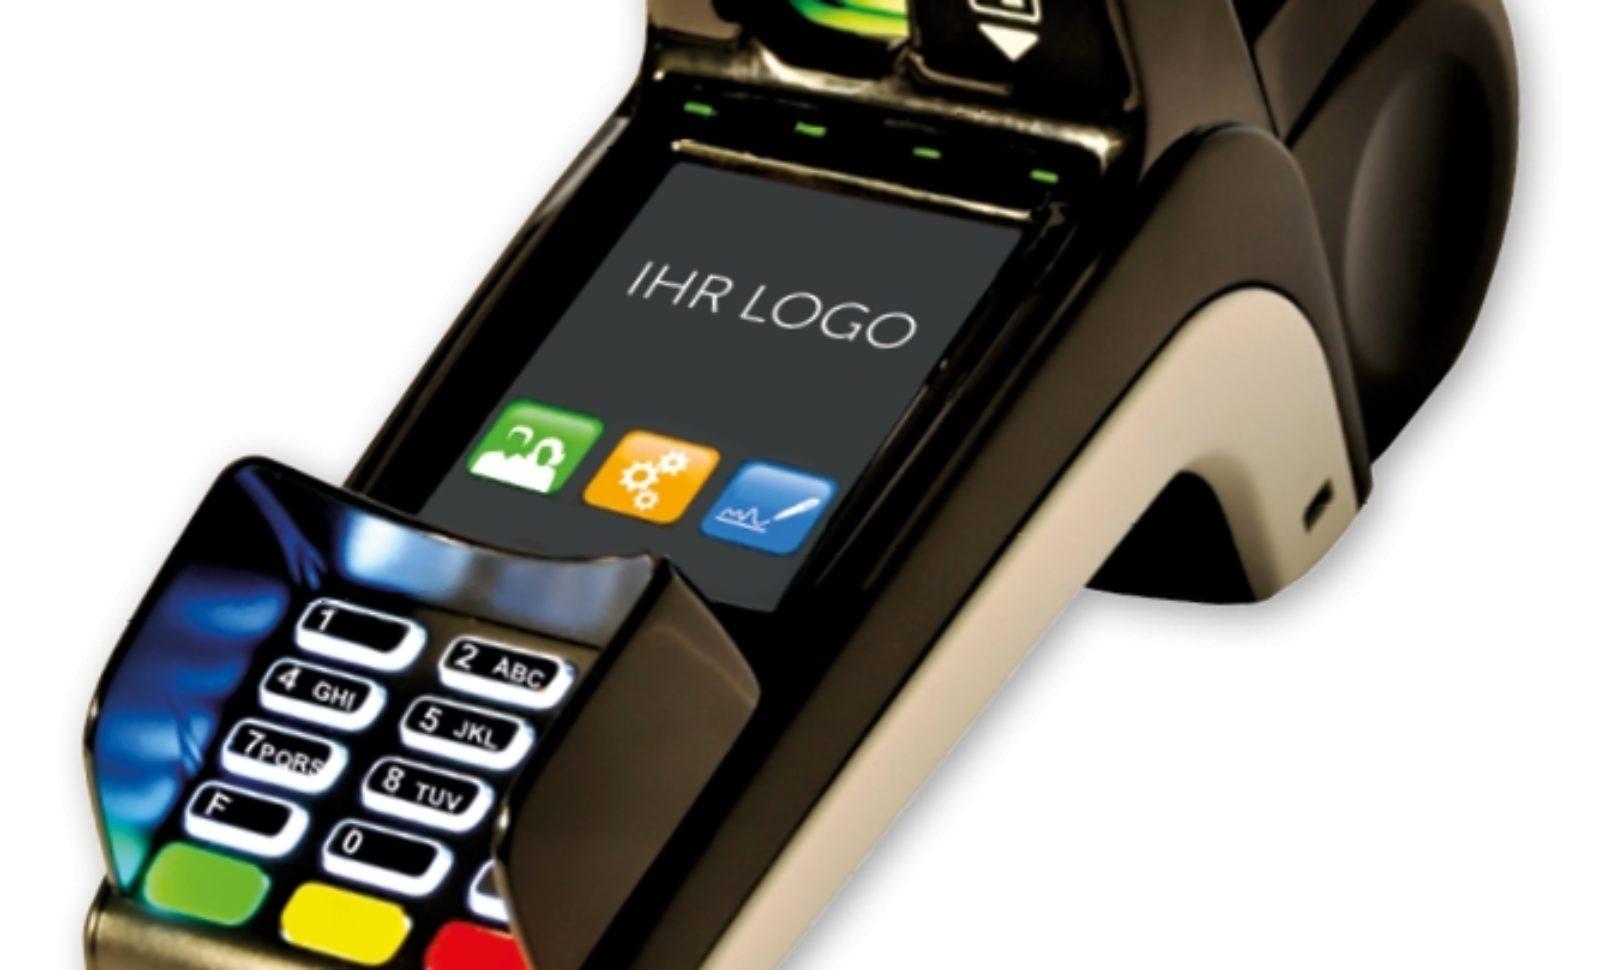 Neue Payment-Lösungen für den stationären Handel: secupay bietet ab sofort PoS-Terminals